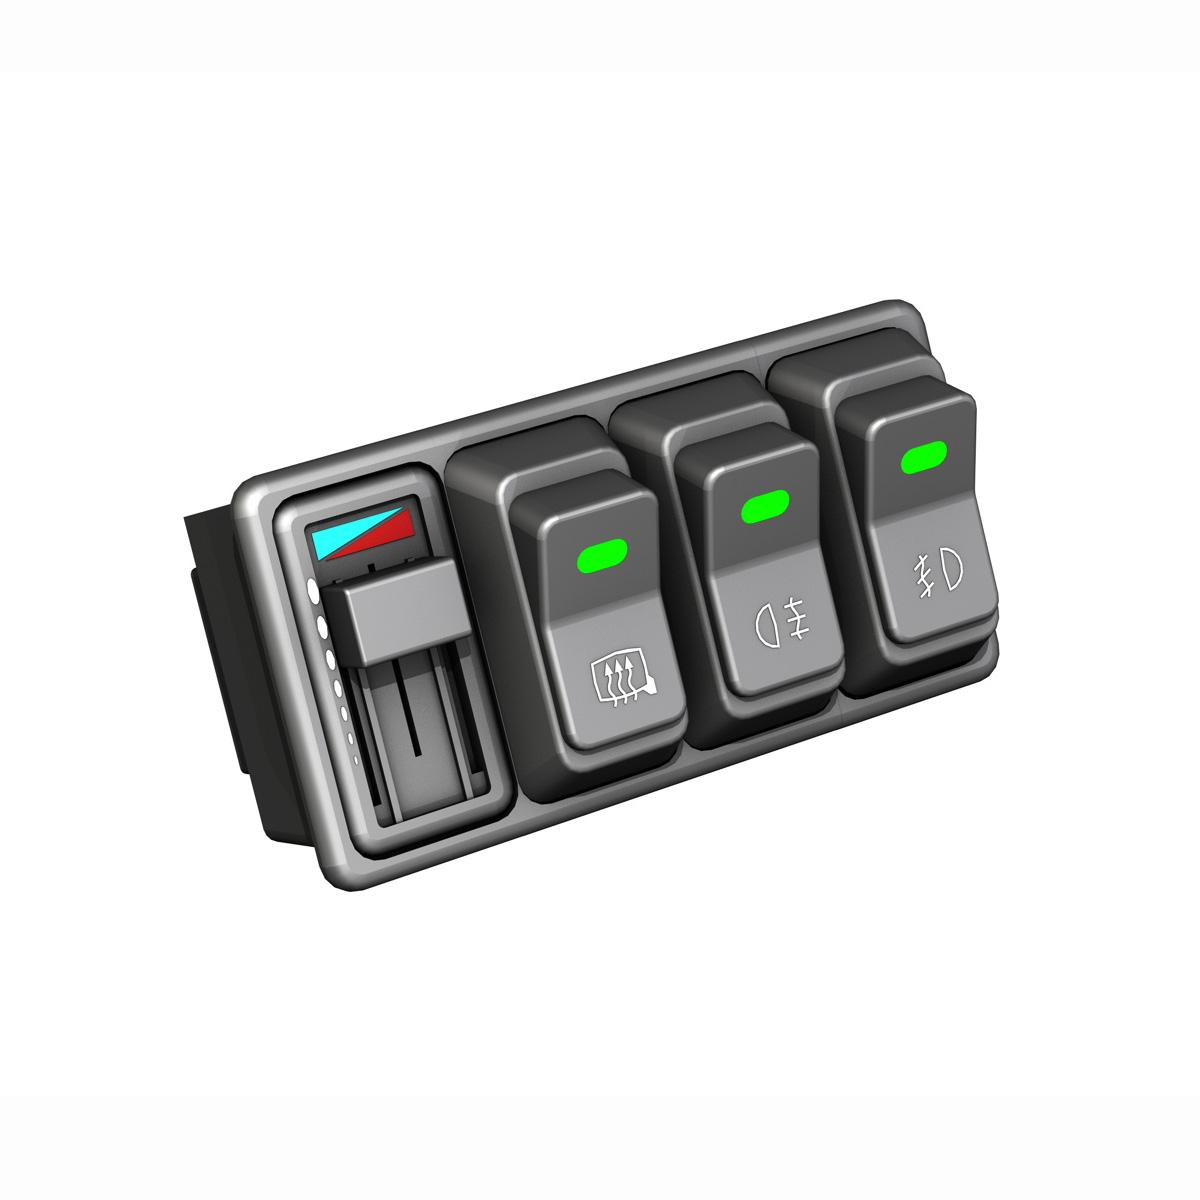 rocker switches for vehicle 3d model 3ds fbx c4d lwo obj 189299